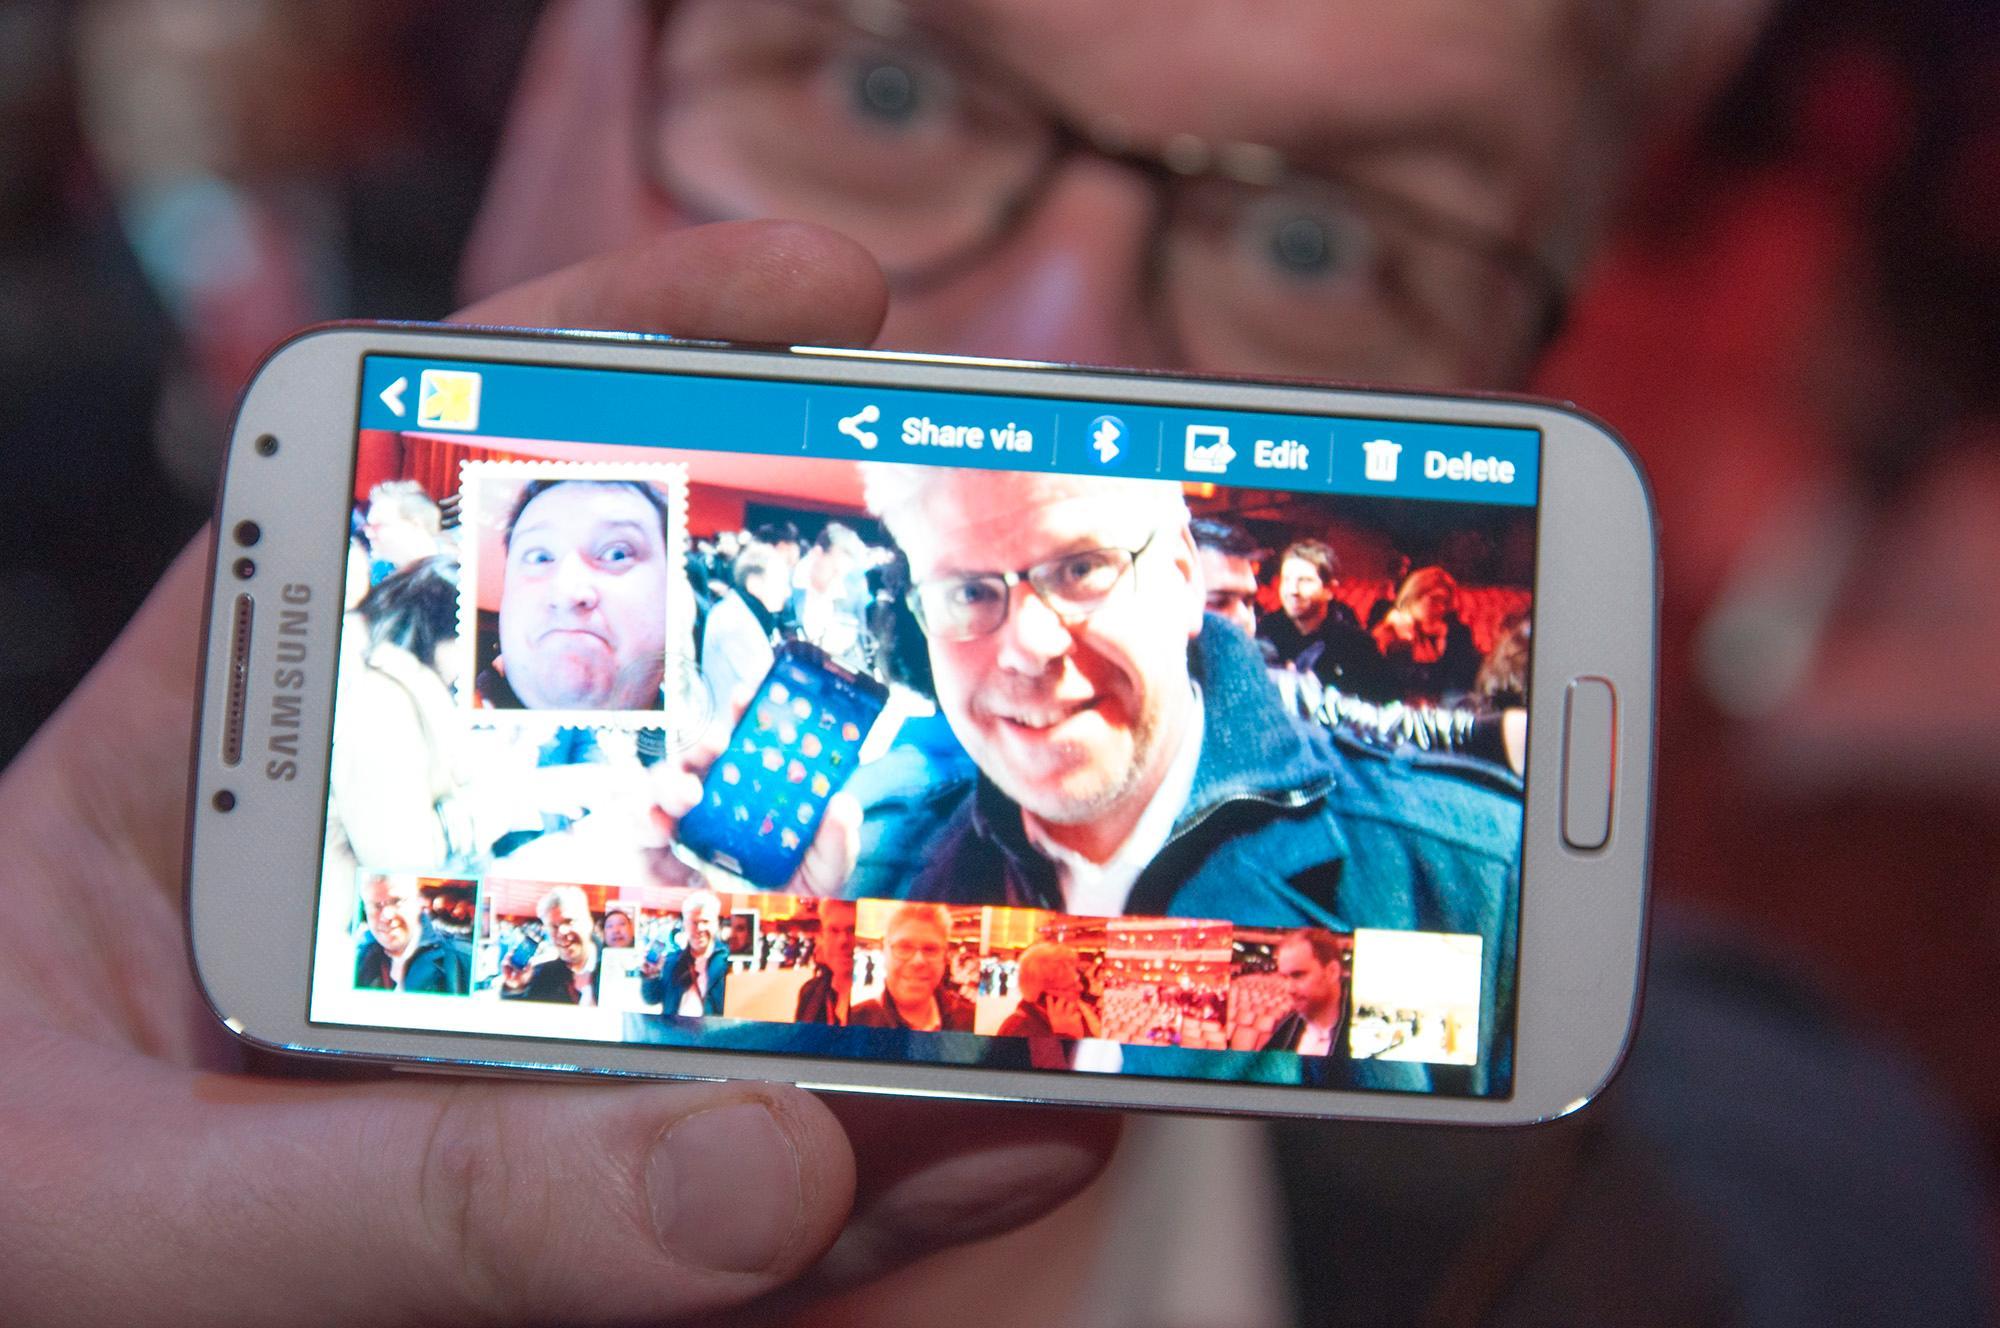 Dualcam-funksjonen lar deg ta bilde med begge kameraene samtidig. Liknende funksjoner fins også i videoopptakeren.Foto: Finn Jarle Kvalheim, Amobil.no